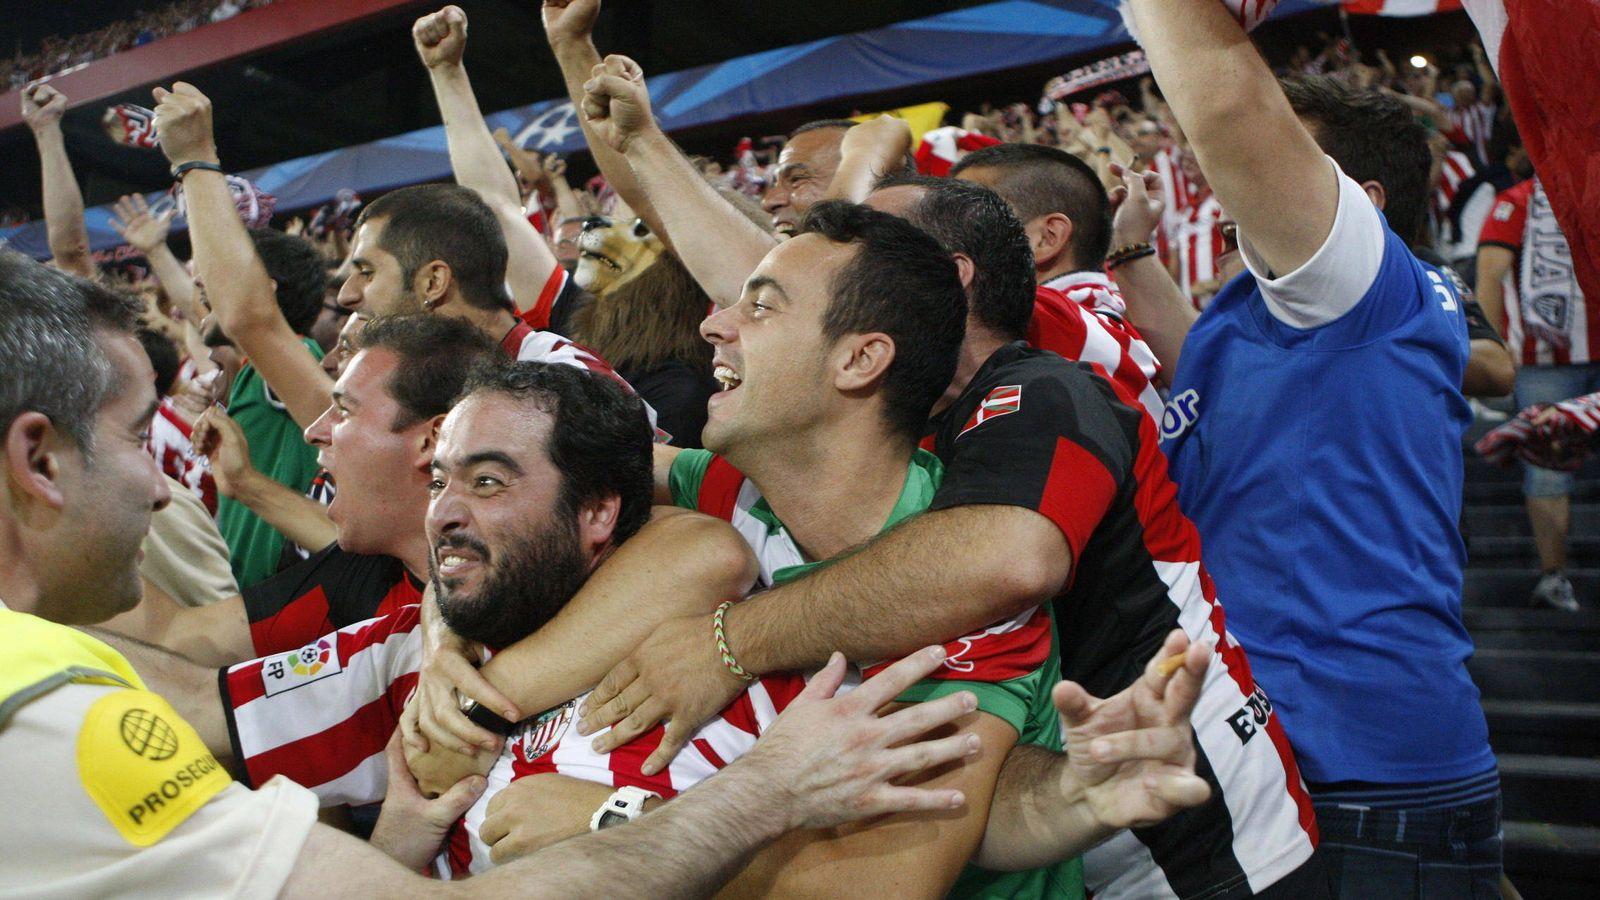 Foto: Aficionados del Athletic - Archivo. (EFE)